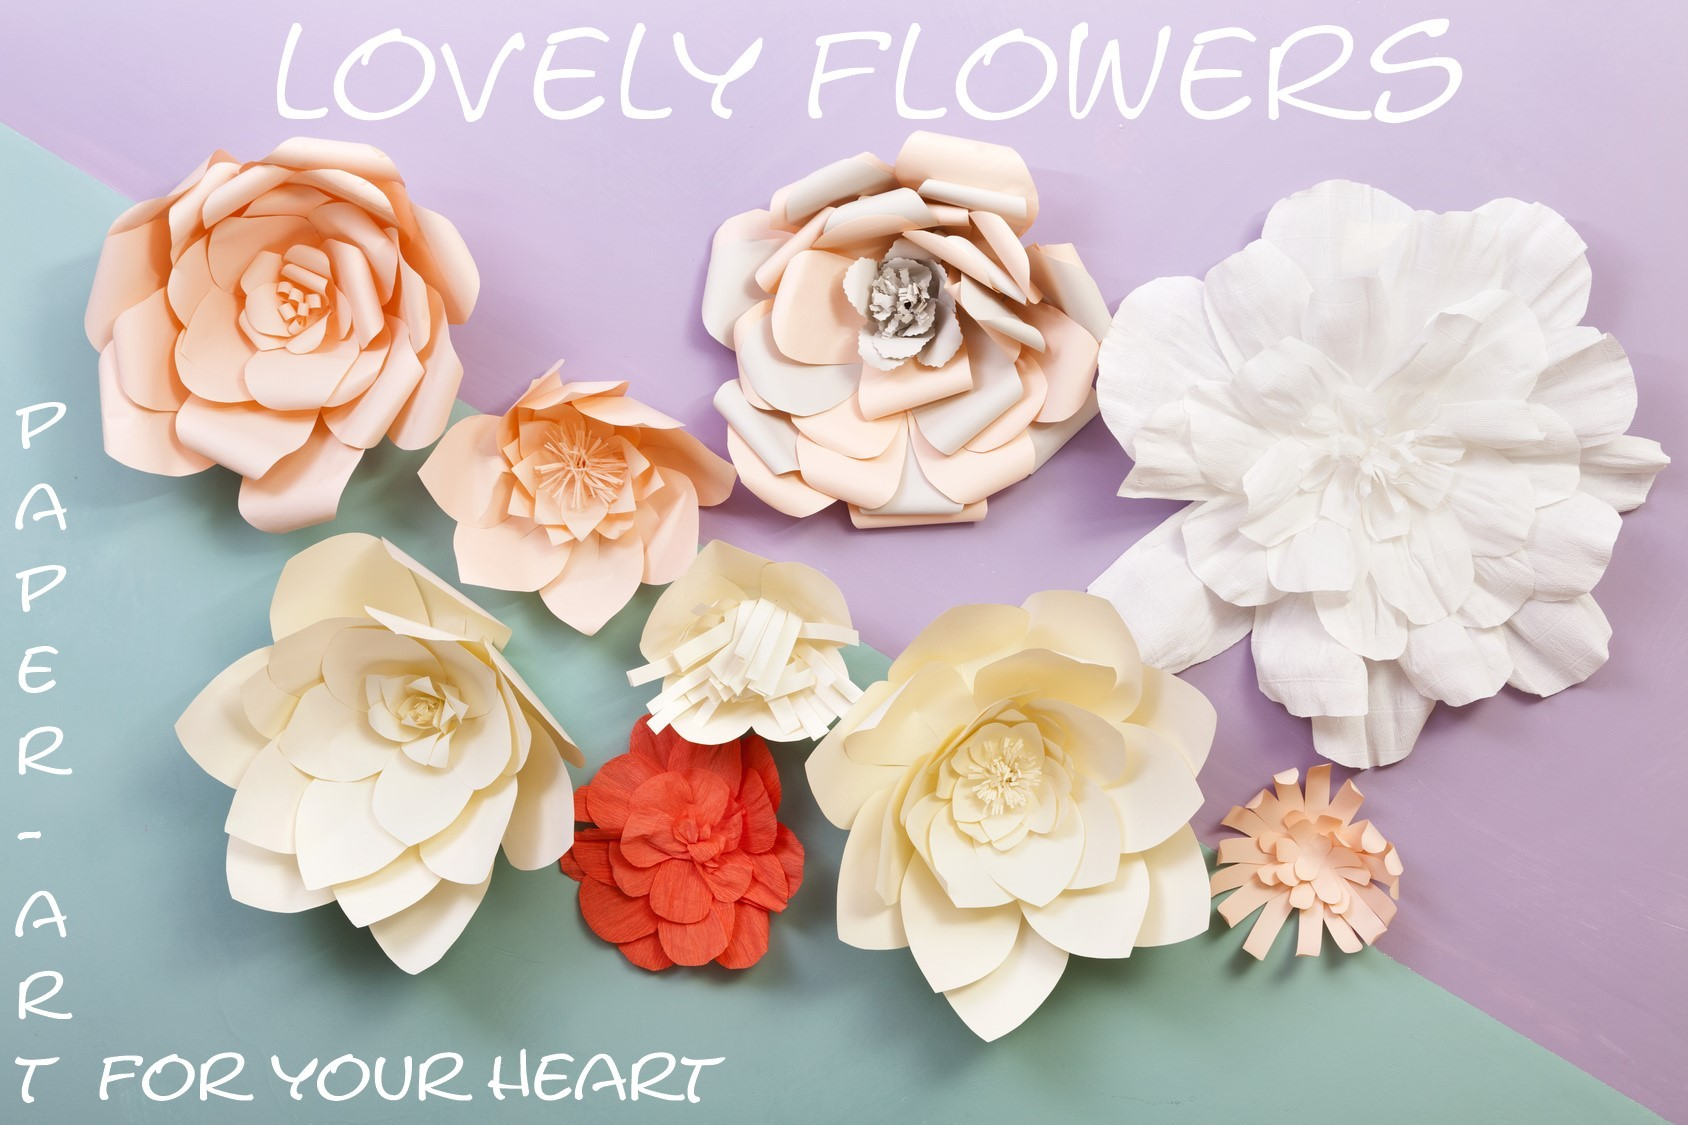 www.lovelyflowers.de - Dein Spezialist für PAPER-ART-Blumendekorationen aller Art!